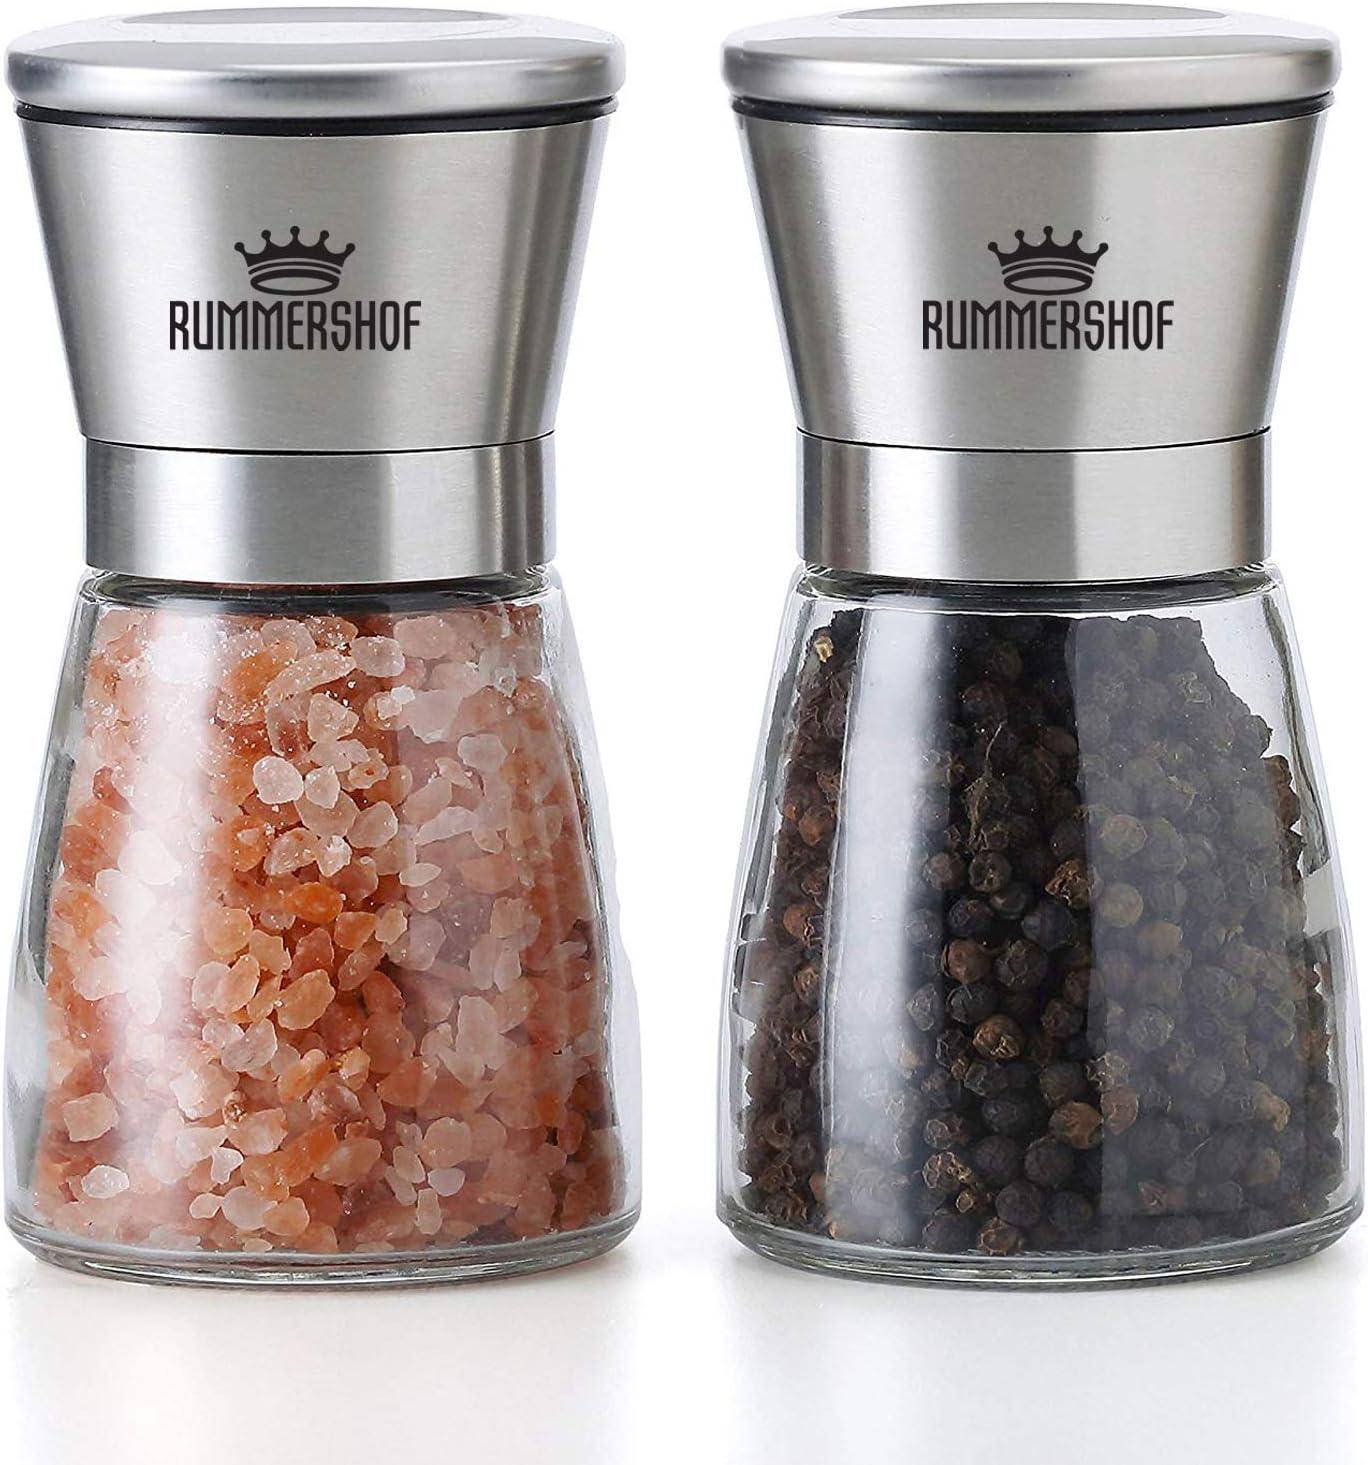 Rummershof Salz und Pfeffer M/ühle Set 2 Design Pfefferm/ühlen aus Edelstahl mit Keramikmahlwerk